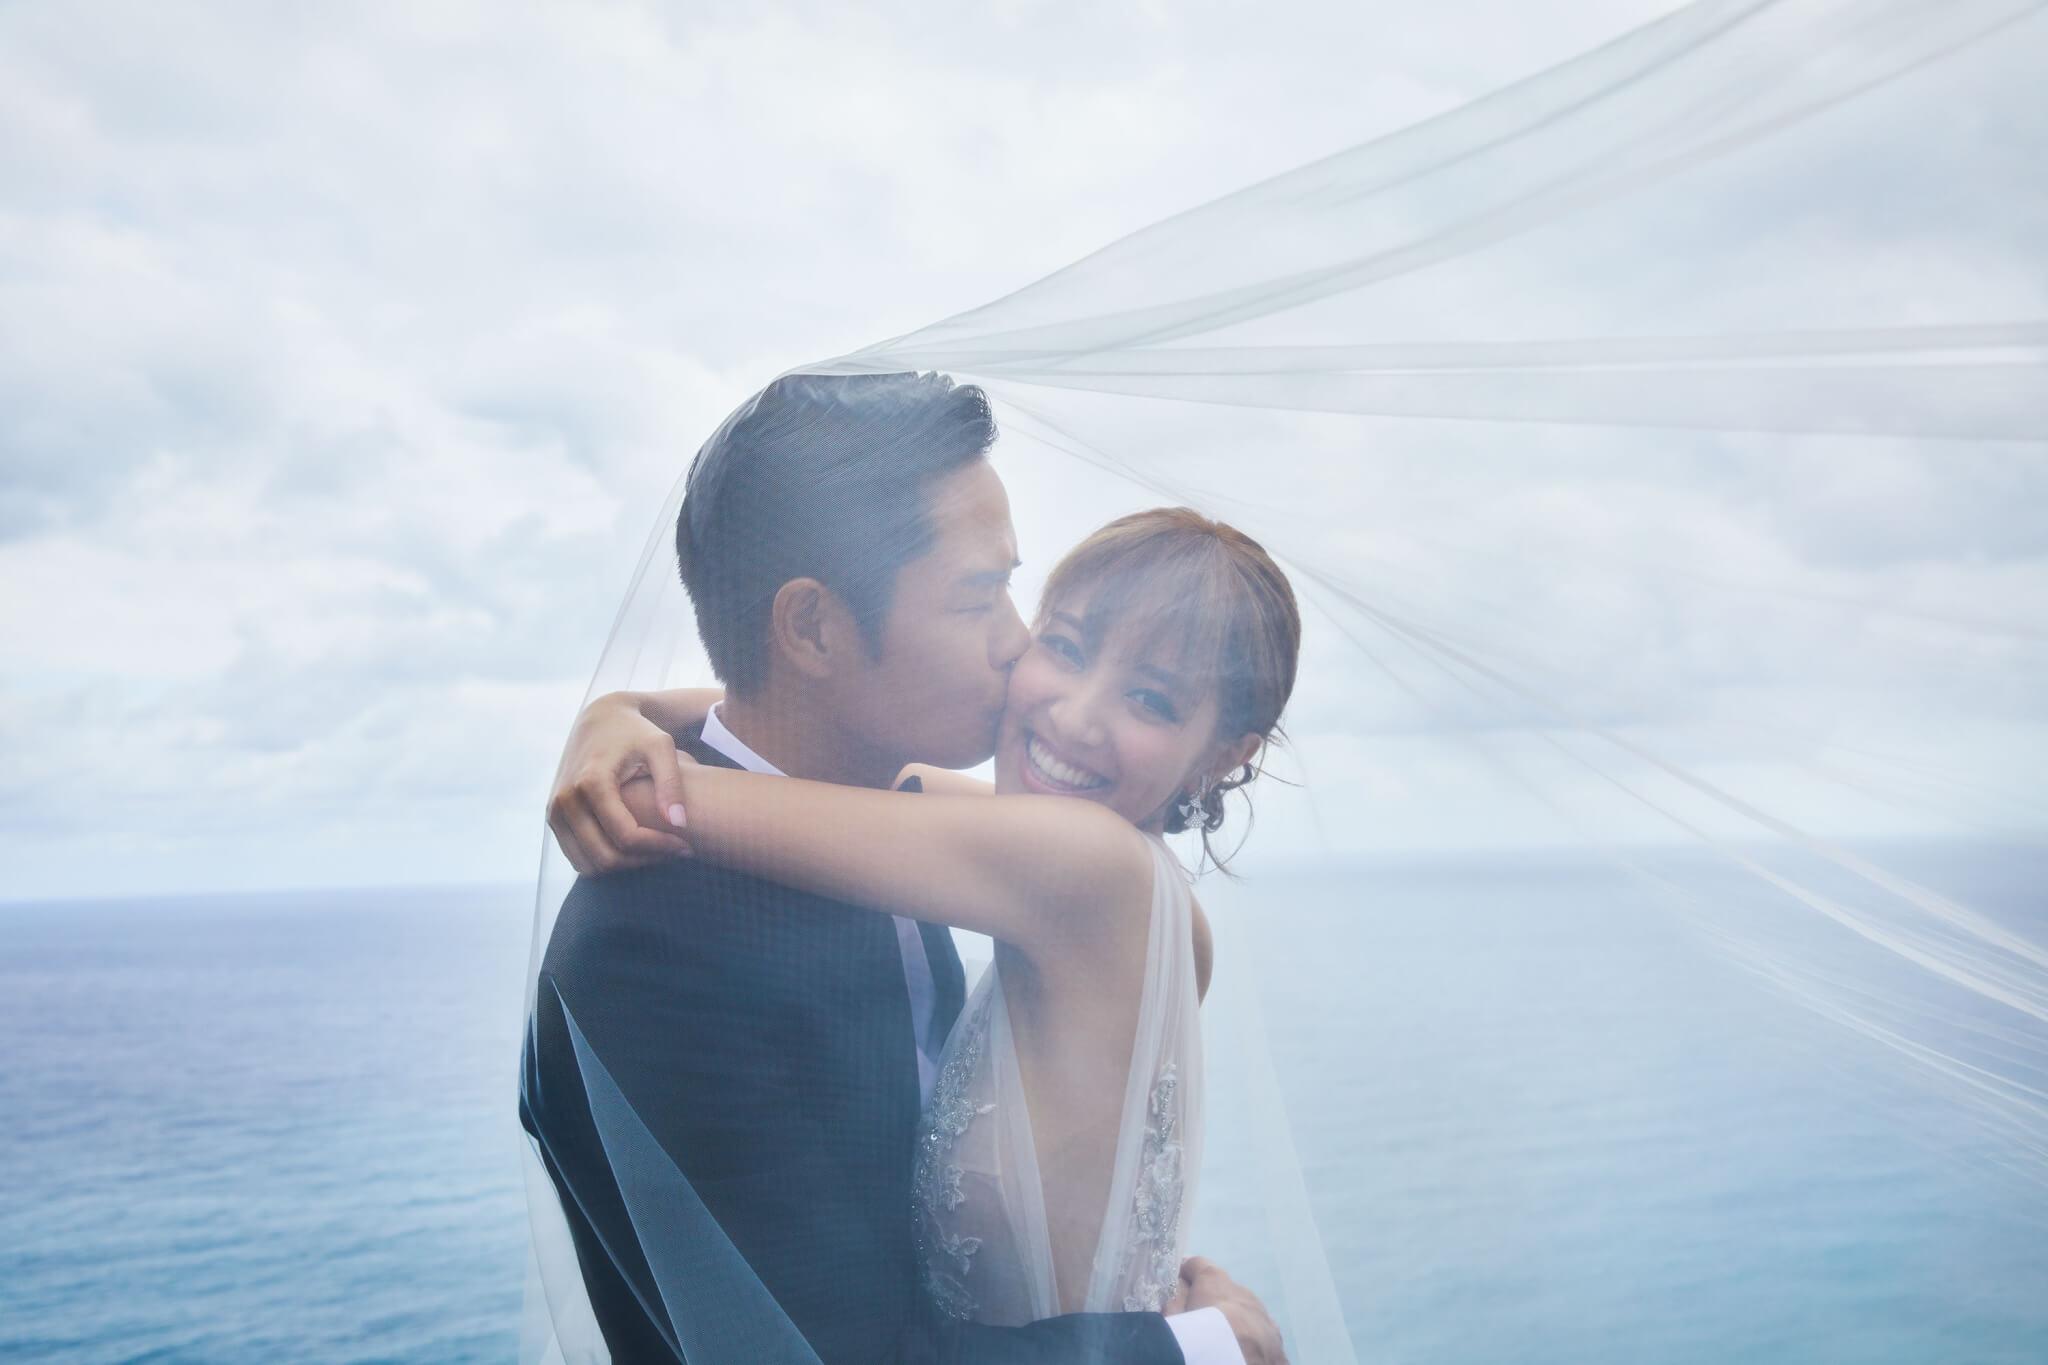 陳凱琳在2015年因拍攝無綫劇集《殭》而與年長22年的鄭嘉穎相戀;2018年8月12日,兩人在印尼峇里島舉行婚禮。